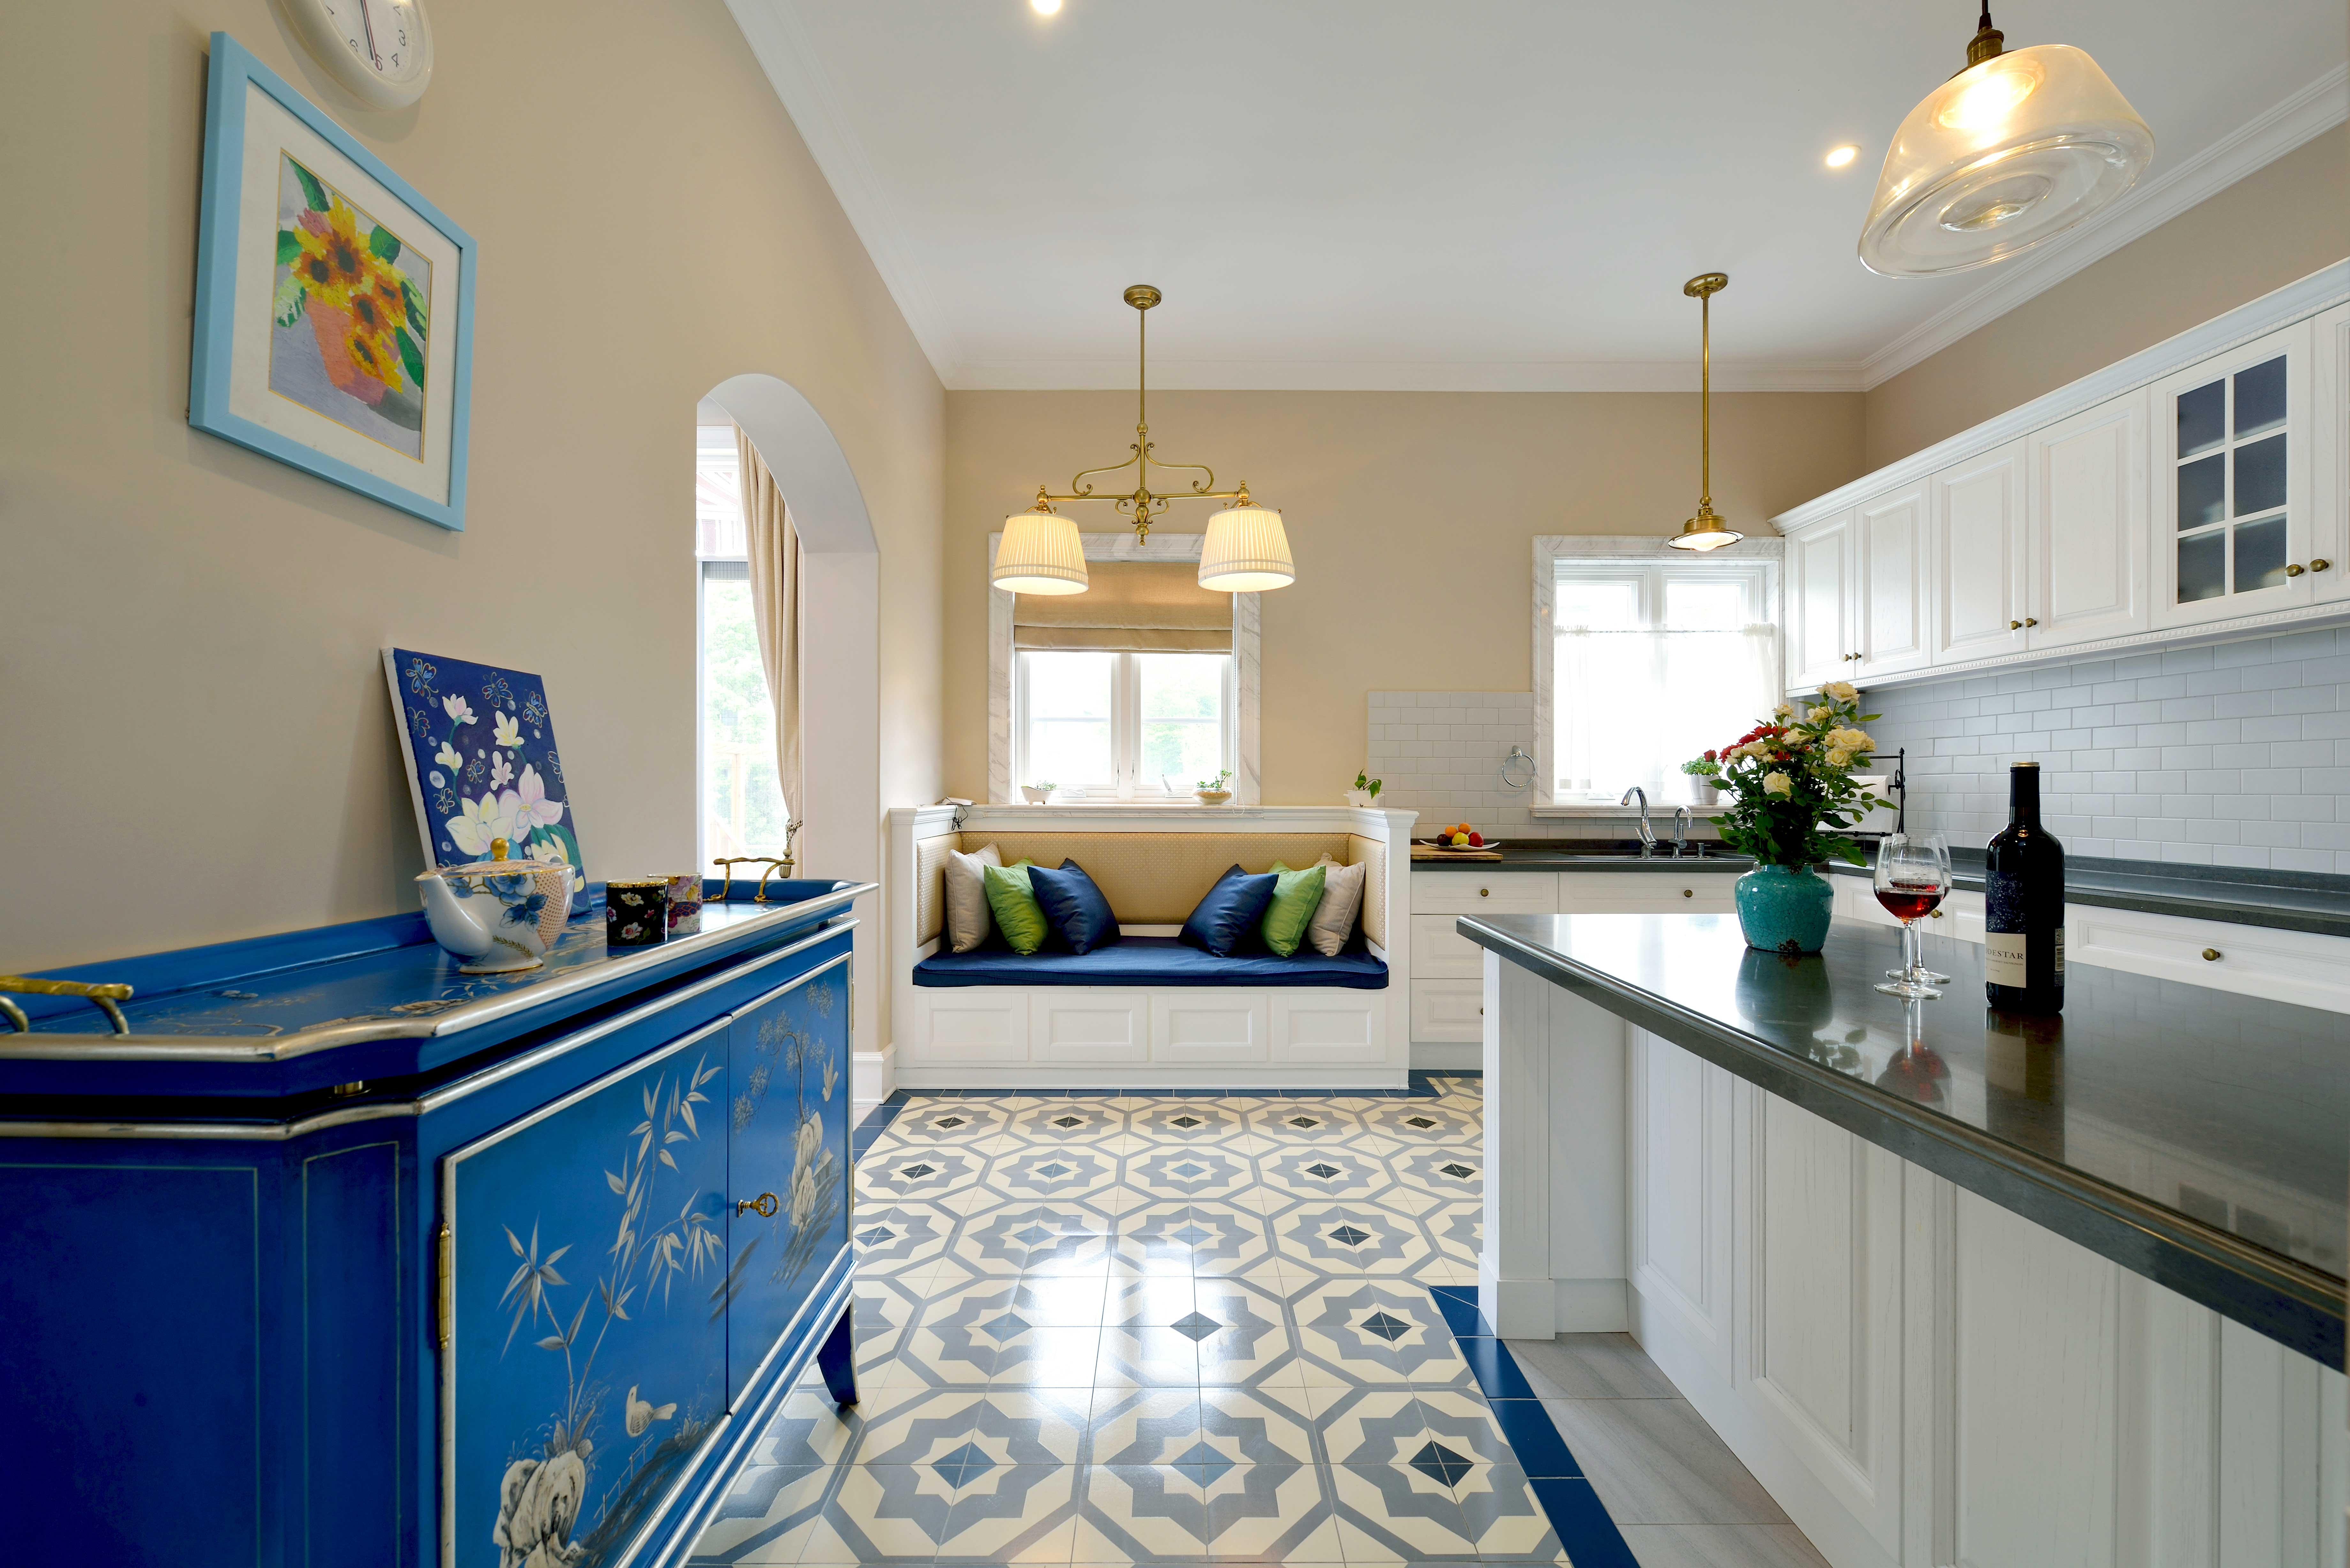 现代简美风格别墅厨房装修效果图